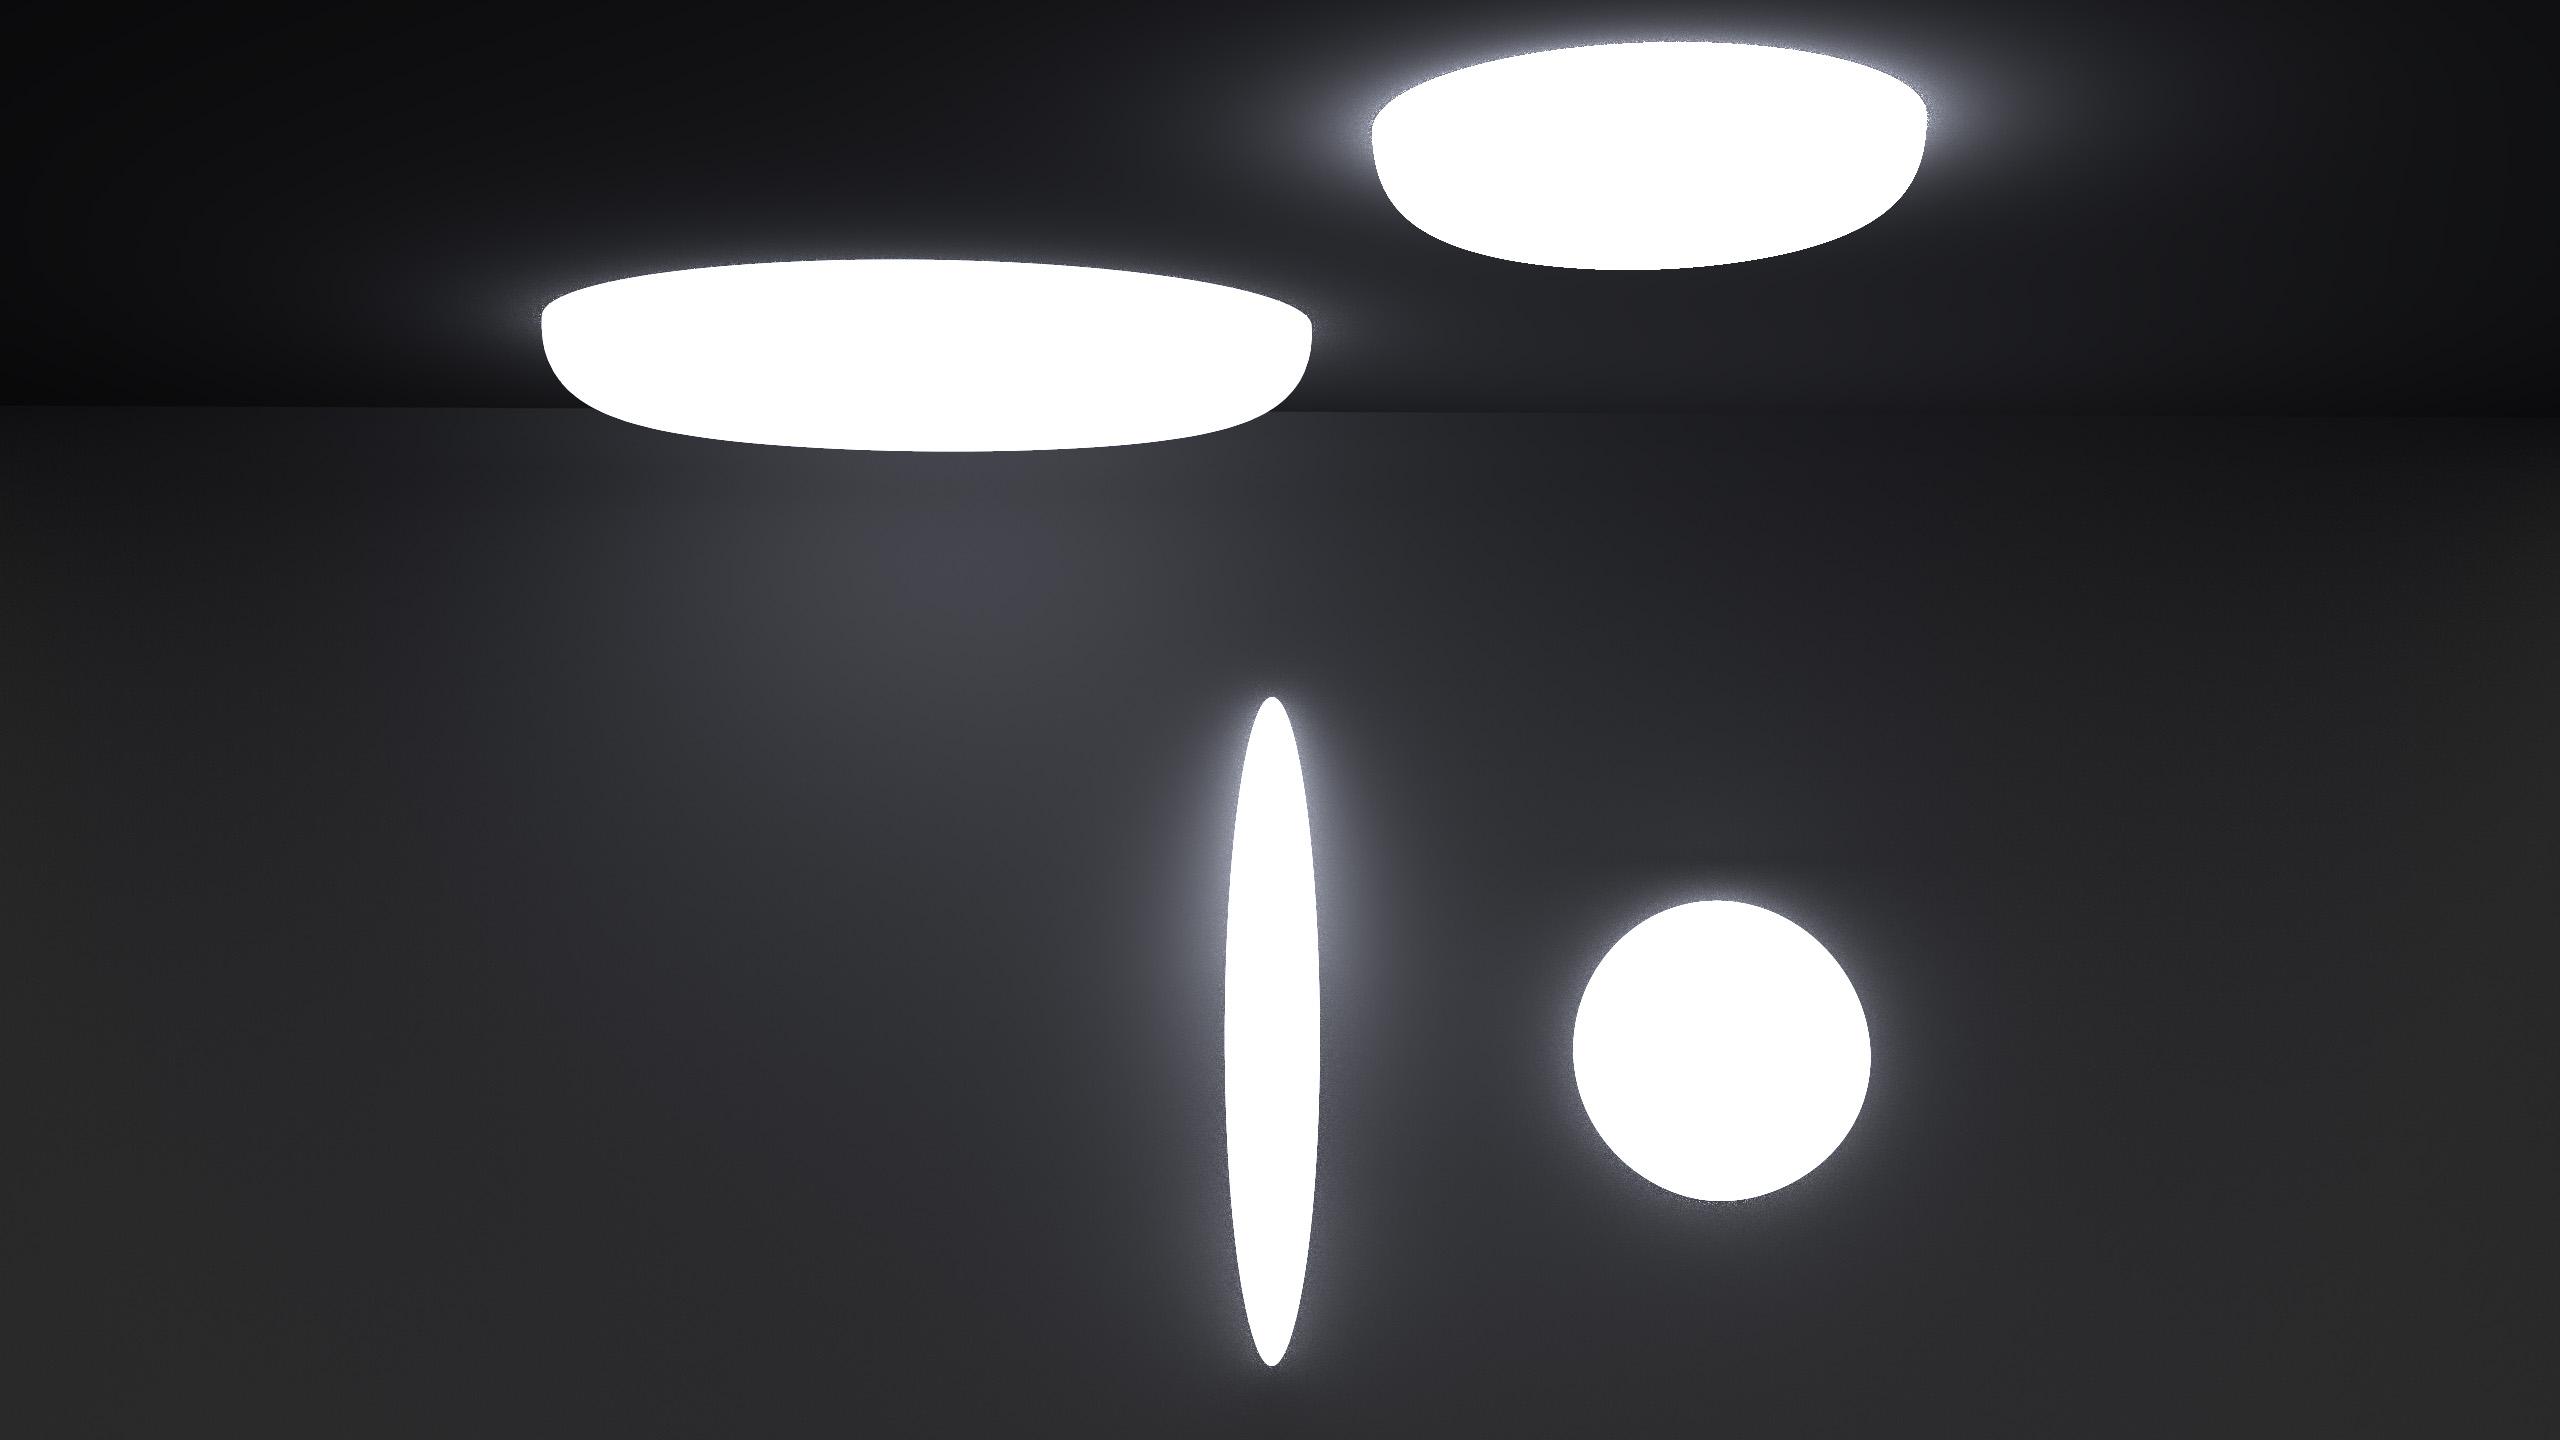 lampade accese